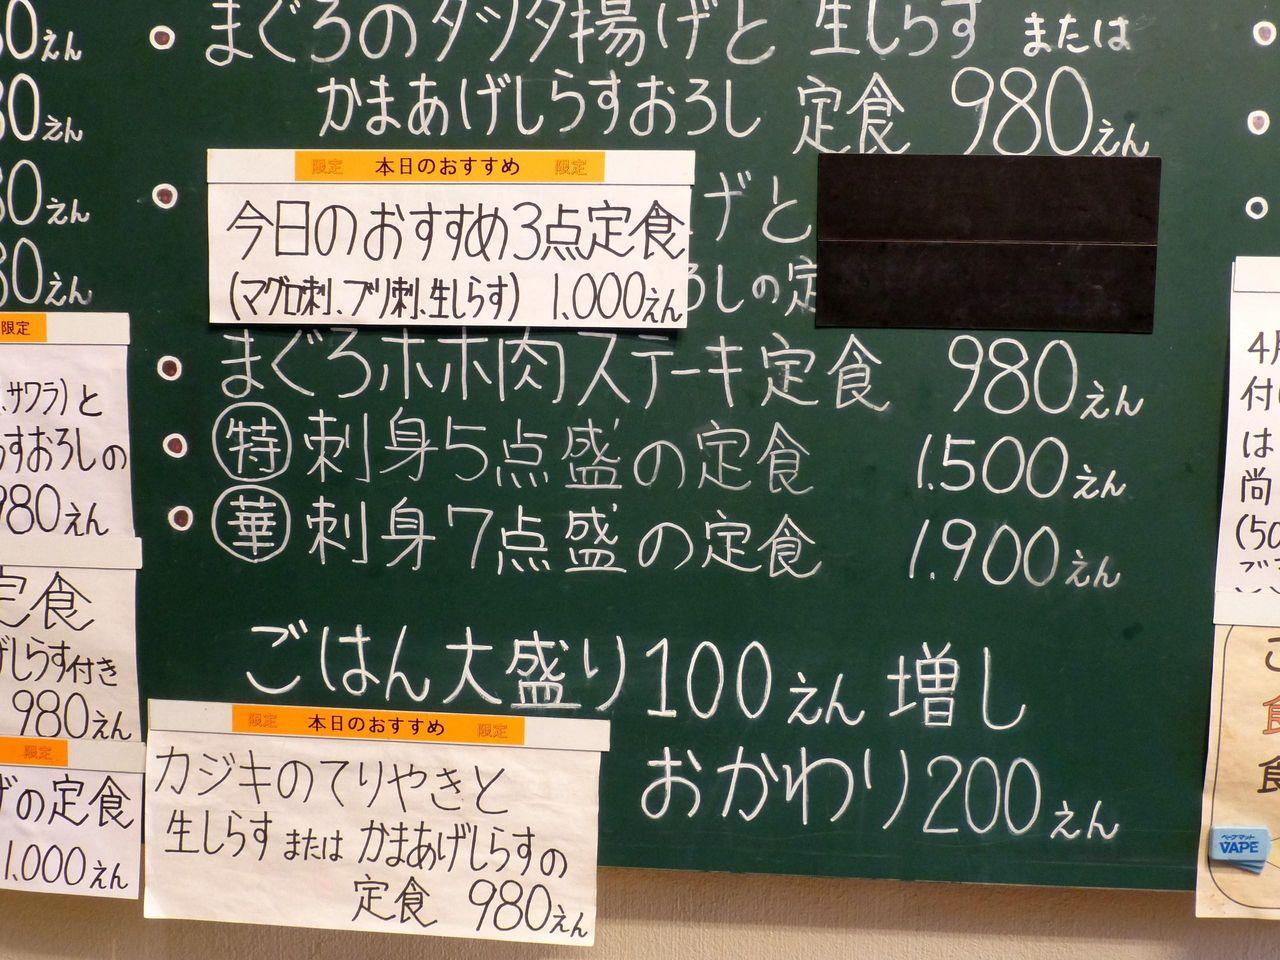 めしやっちゃんのメニュー(26年4月現在)